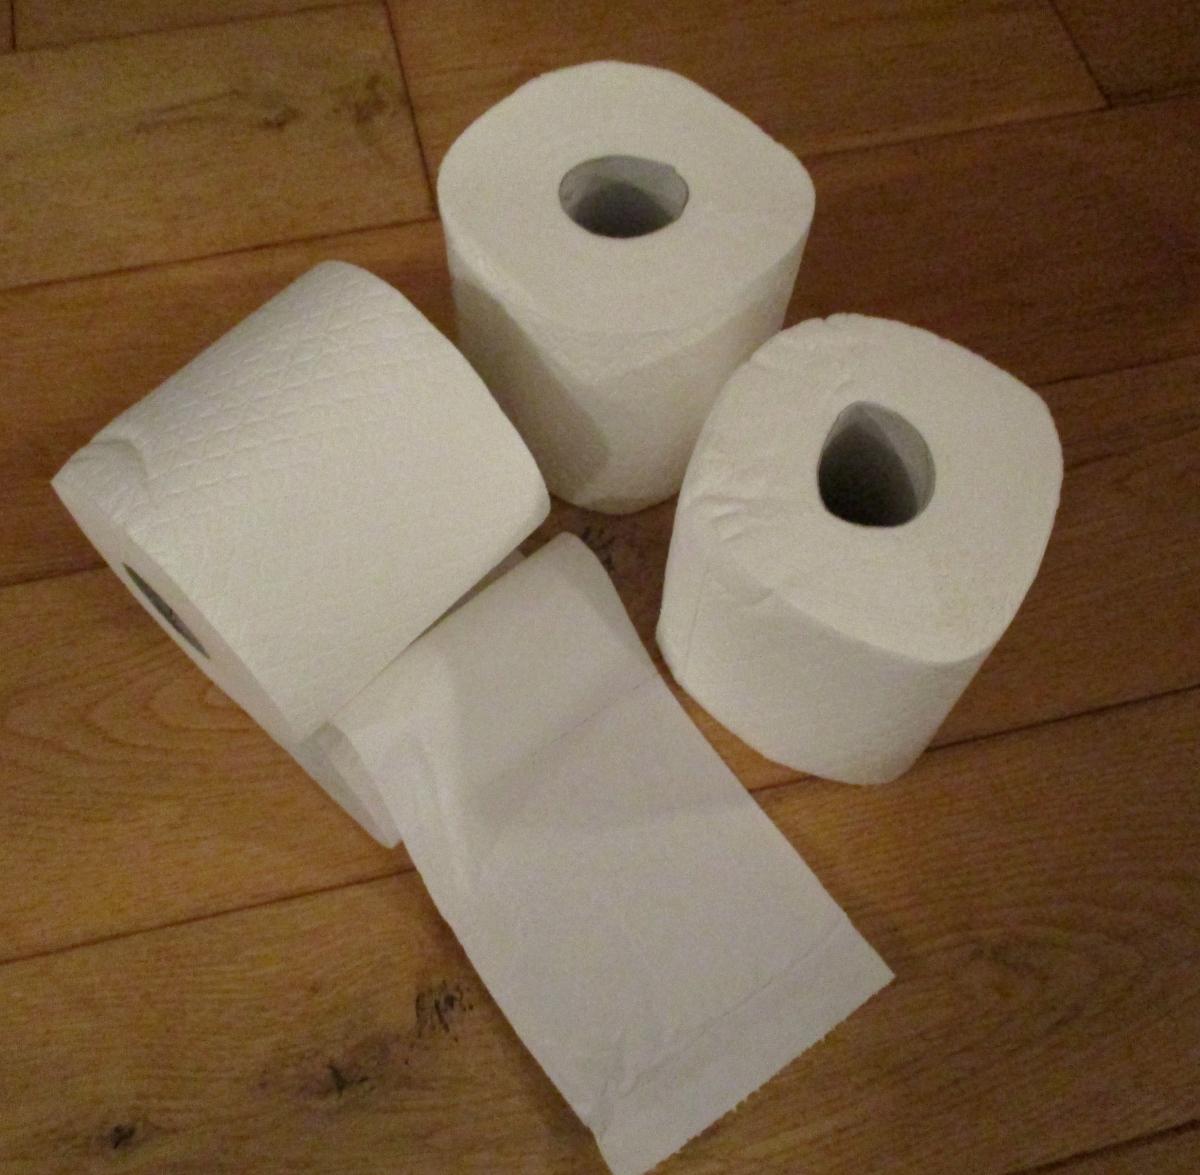 Building toilet paper castles